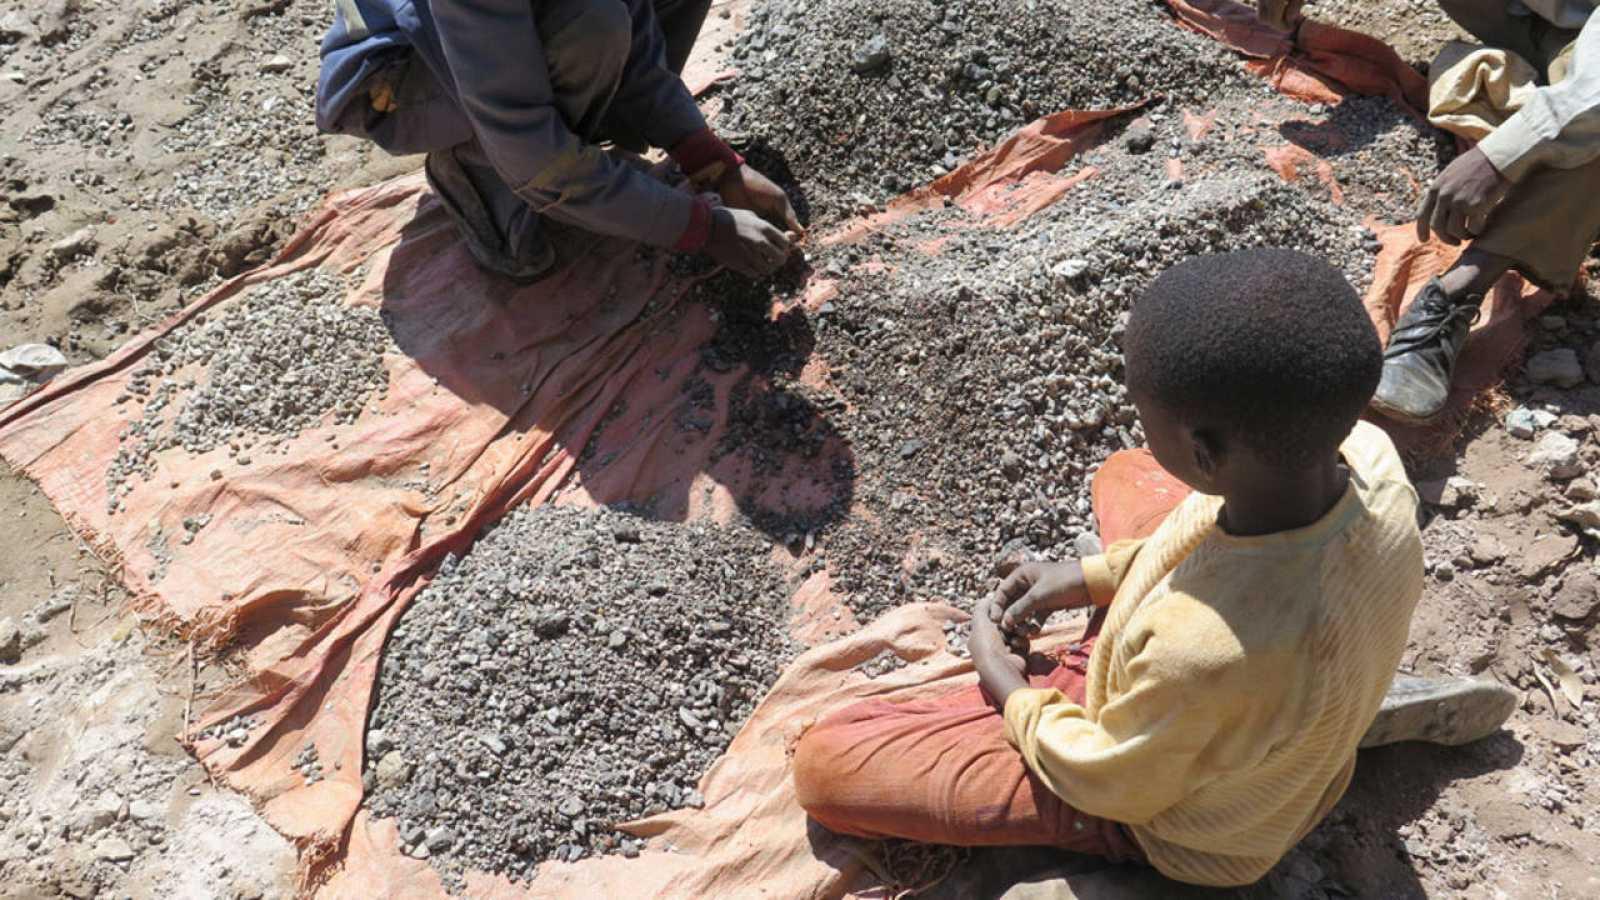 La extracción de cobalto siempre ha estado acompañada de denuncias de organizaciones que defienden los derechos humanos